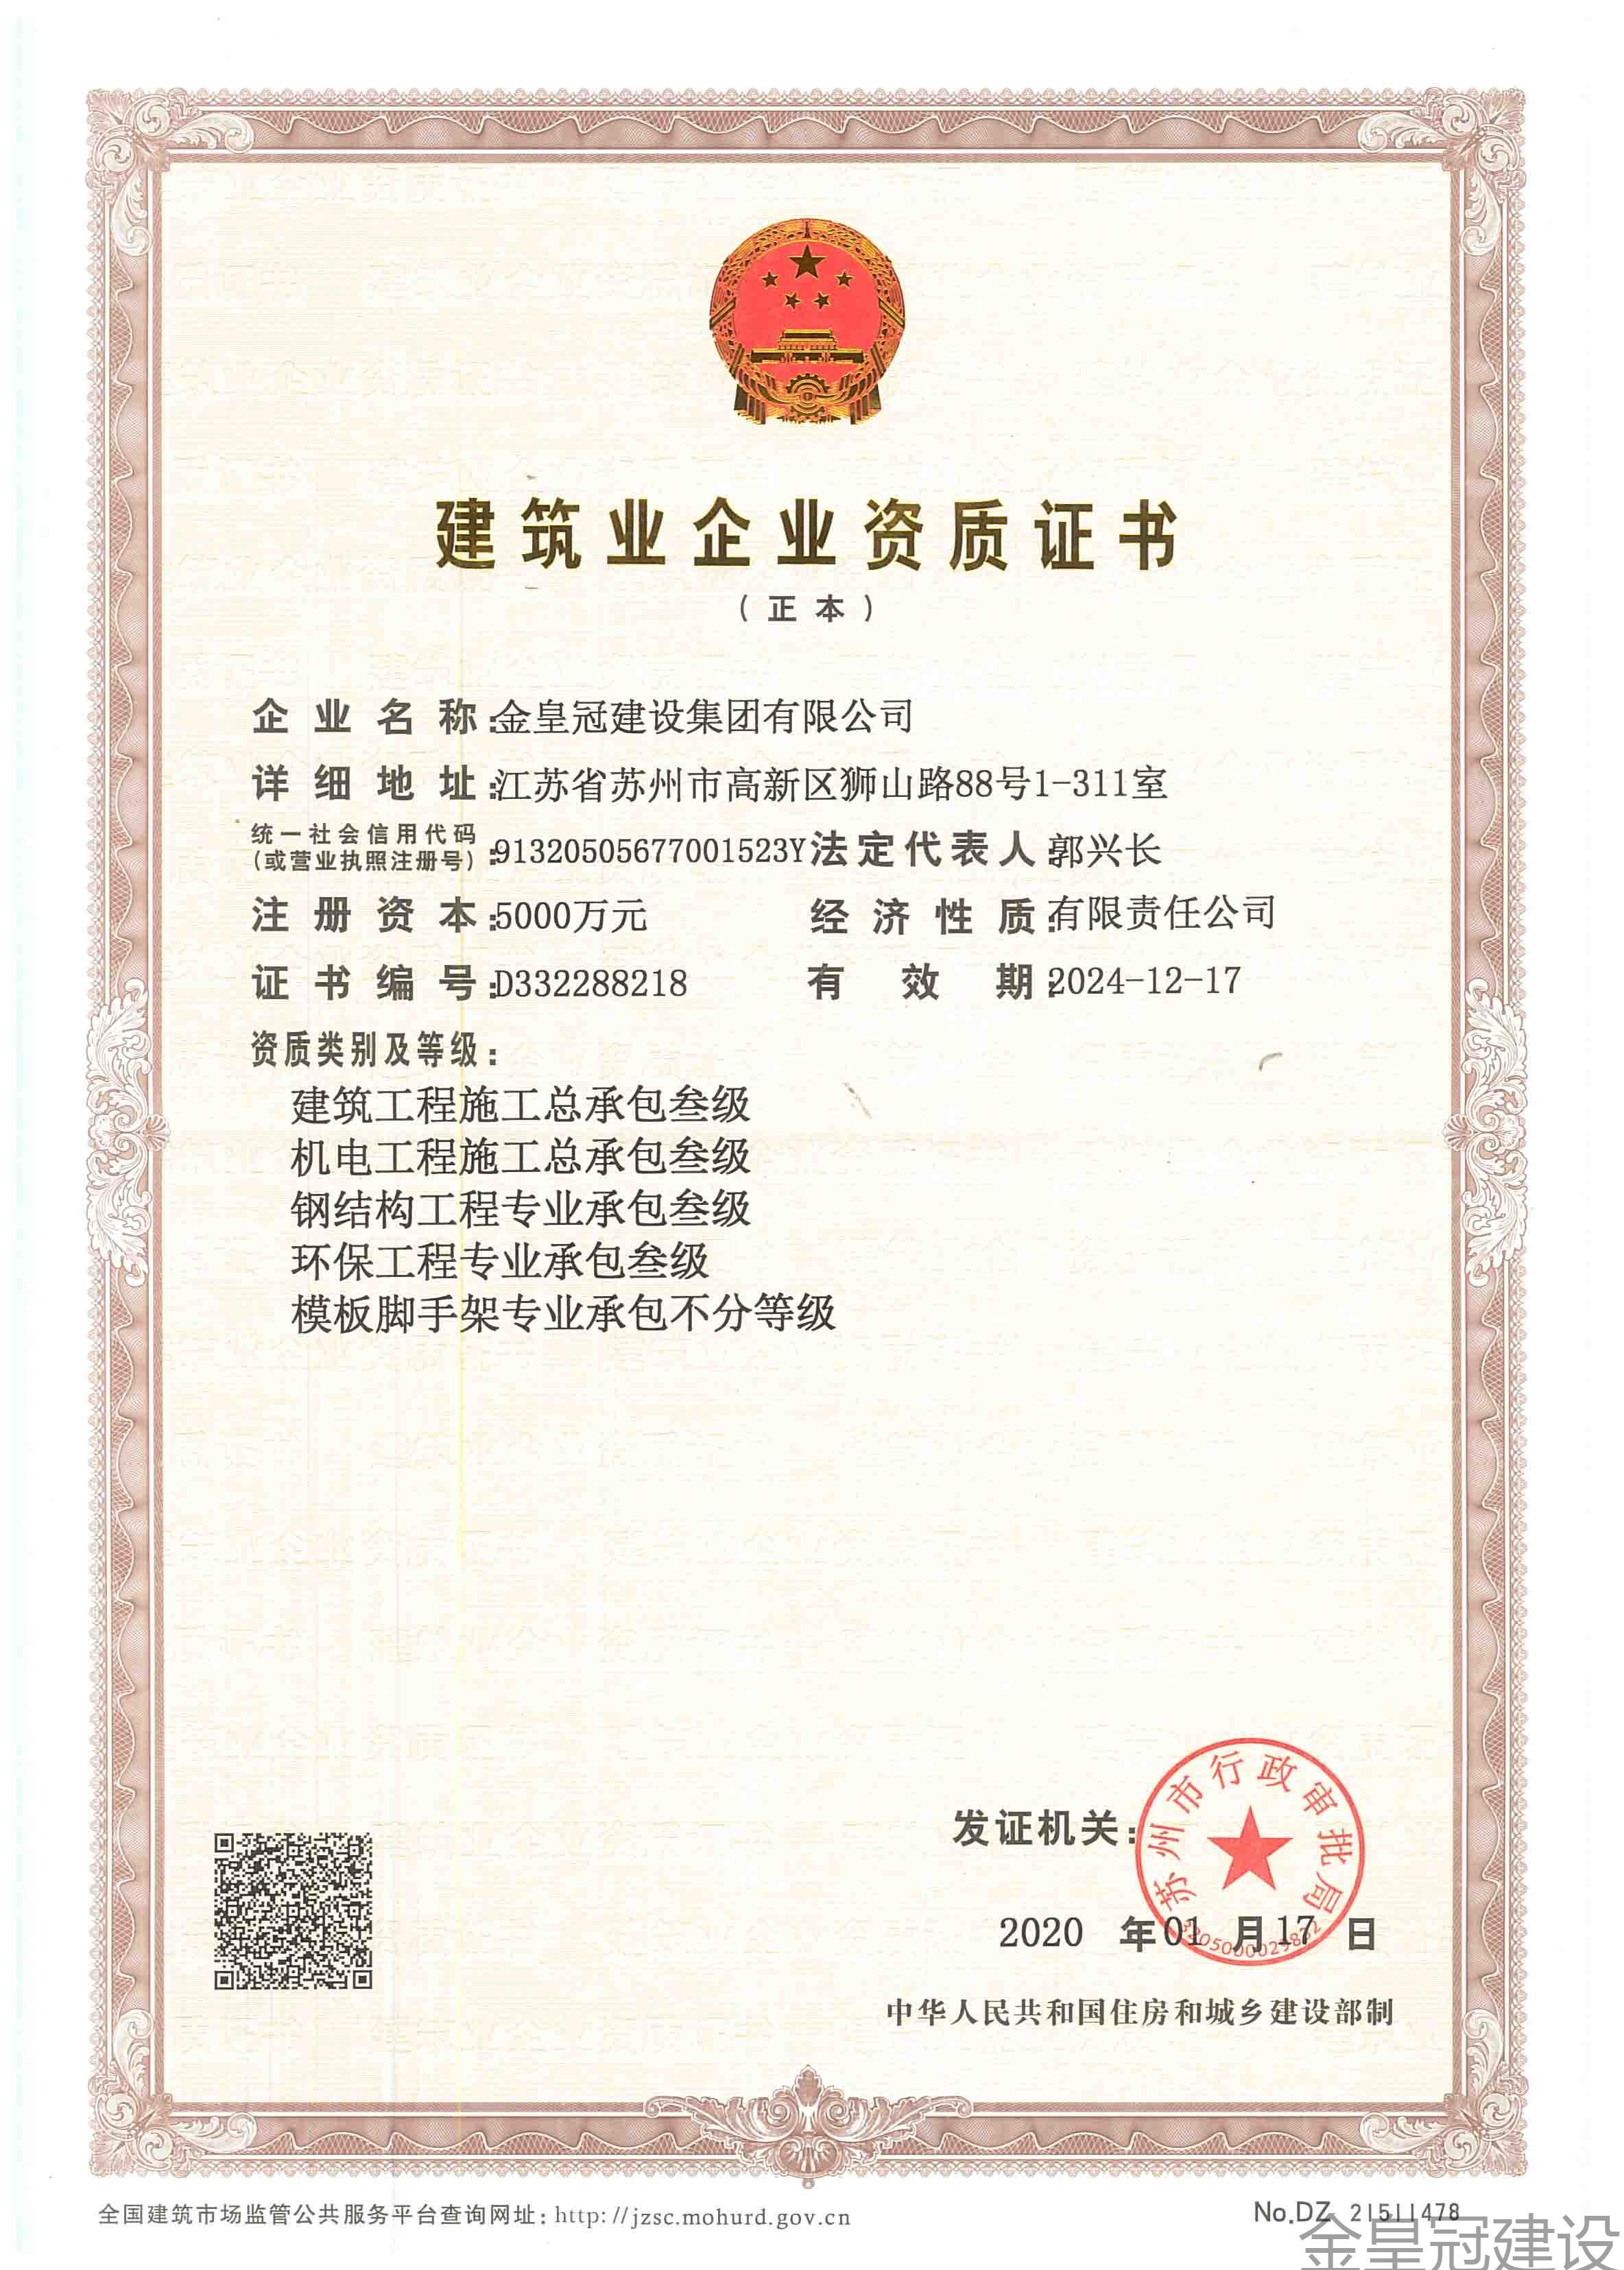 (金皇冠集团)苏州市资质证书-正本(1)